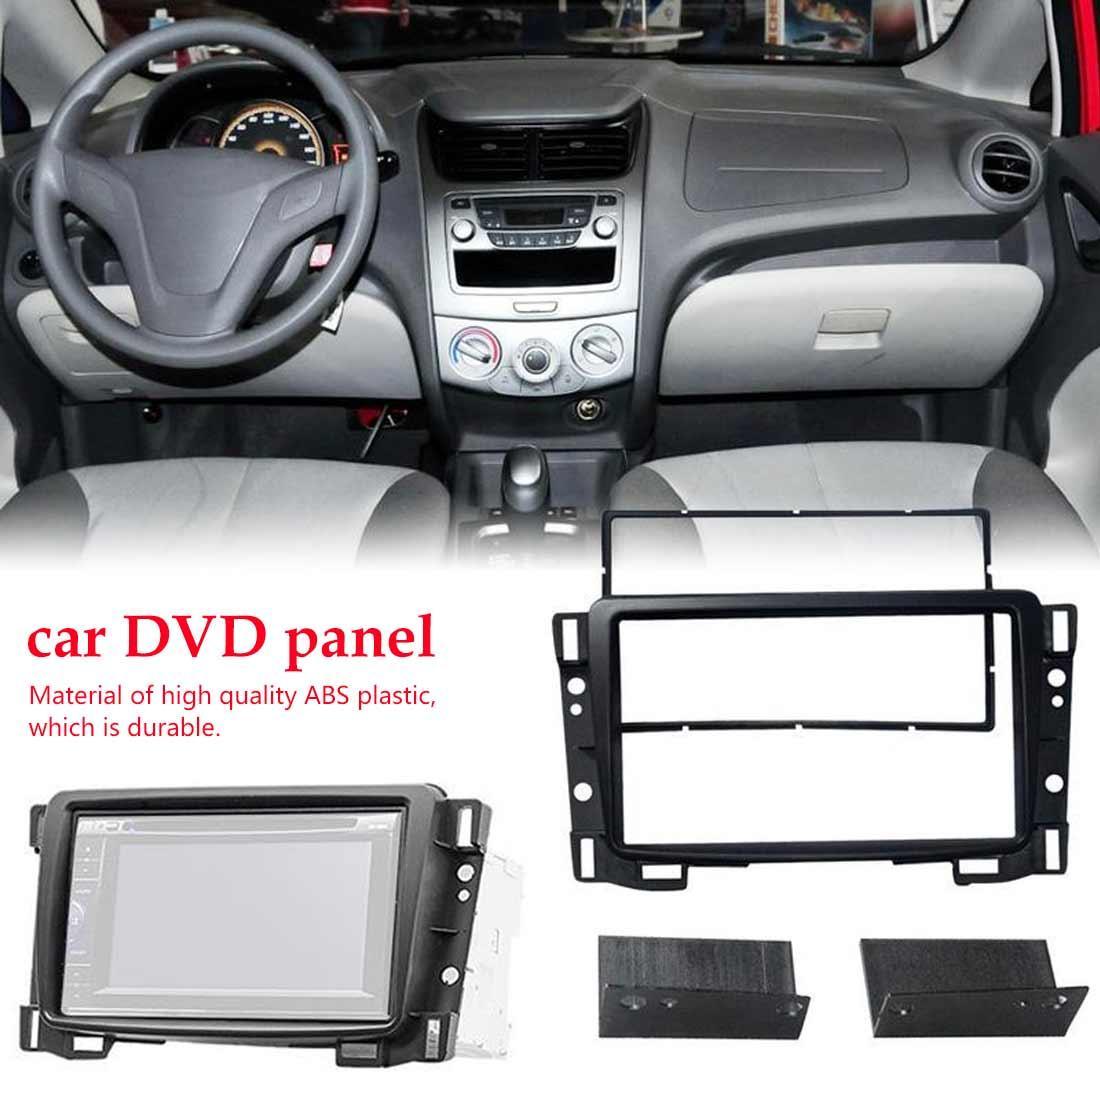 2019 2 Din DVD стерео панель Радио фасции Заверните Рамка Каркасные Аудио Конверсия для Chevrolet Sail автомобиля